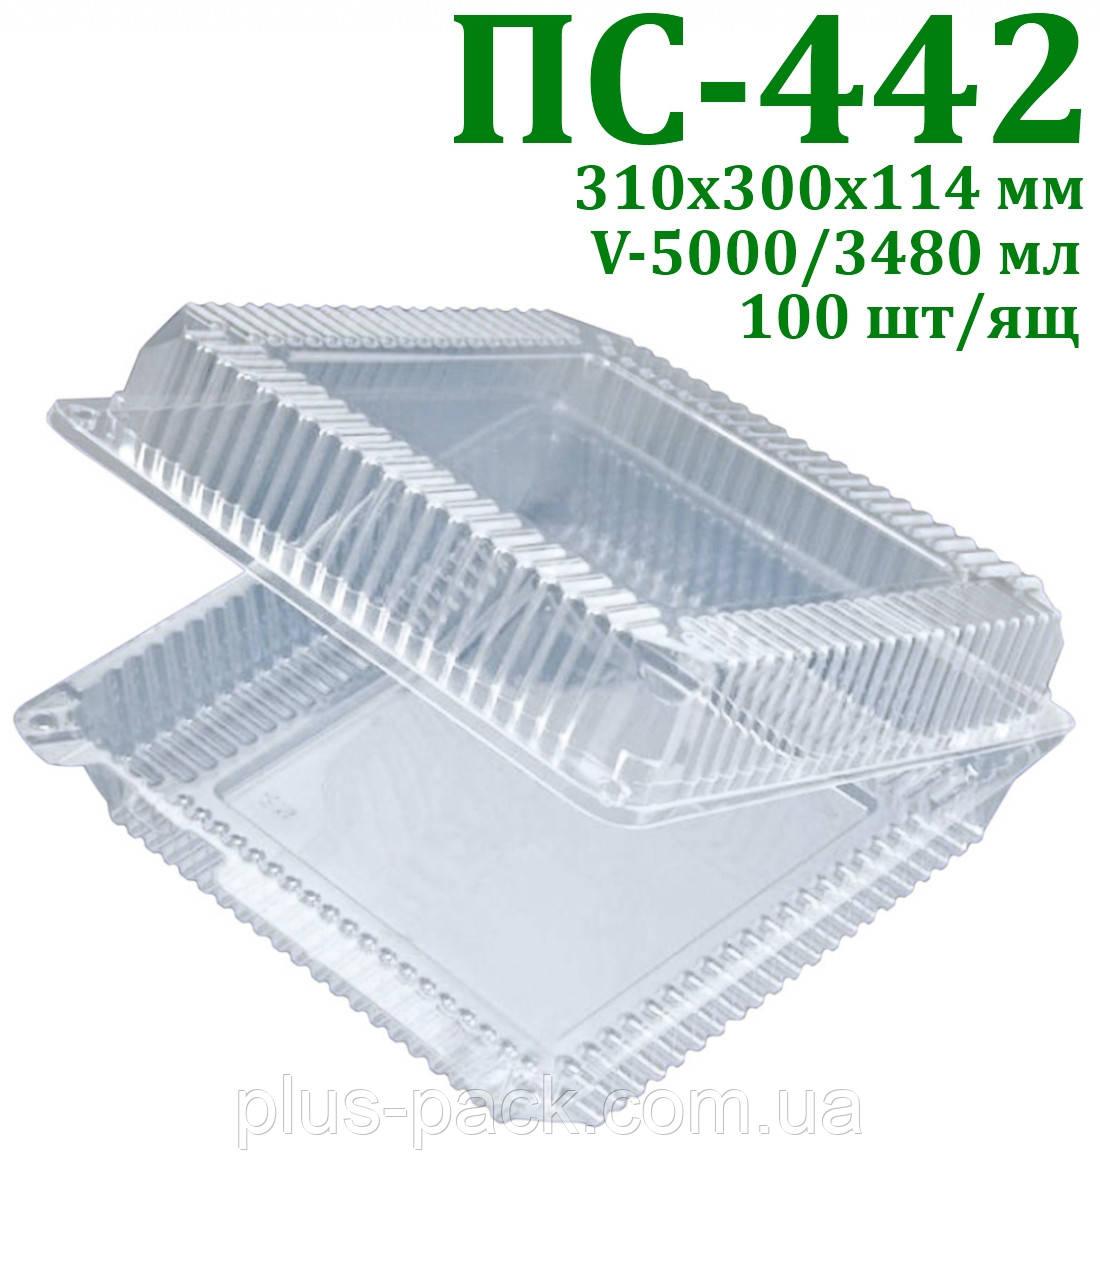 Упаковка для кондитерських виробів 442, 100 шт/ящ